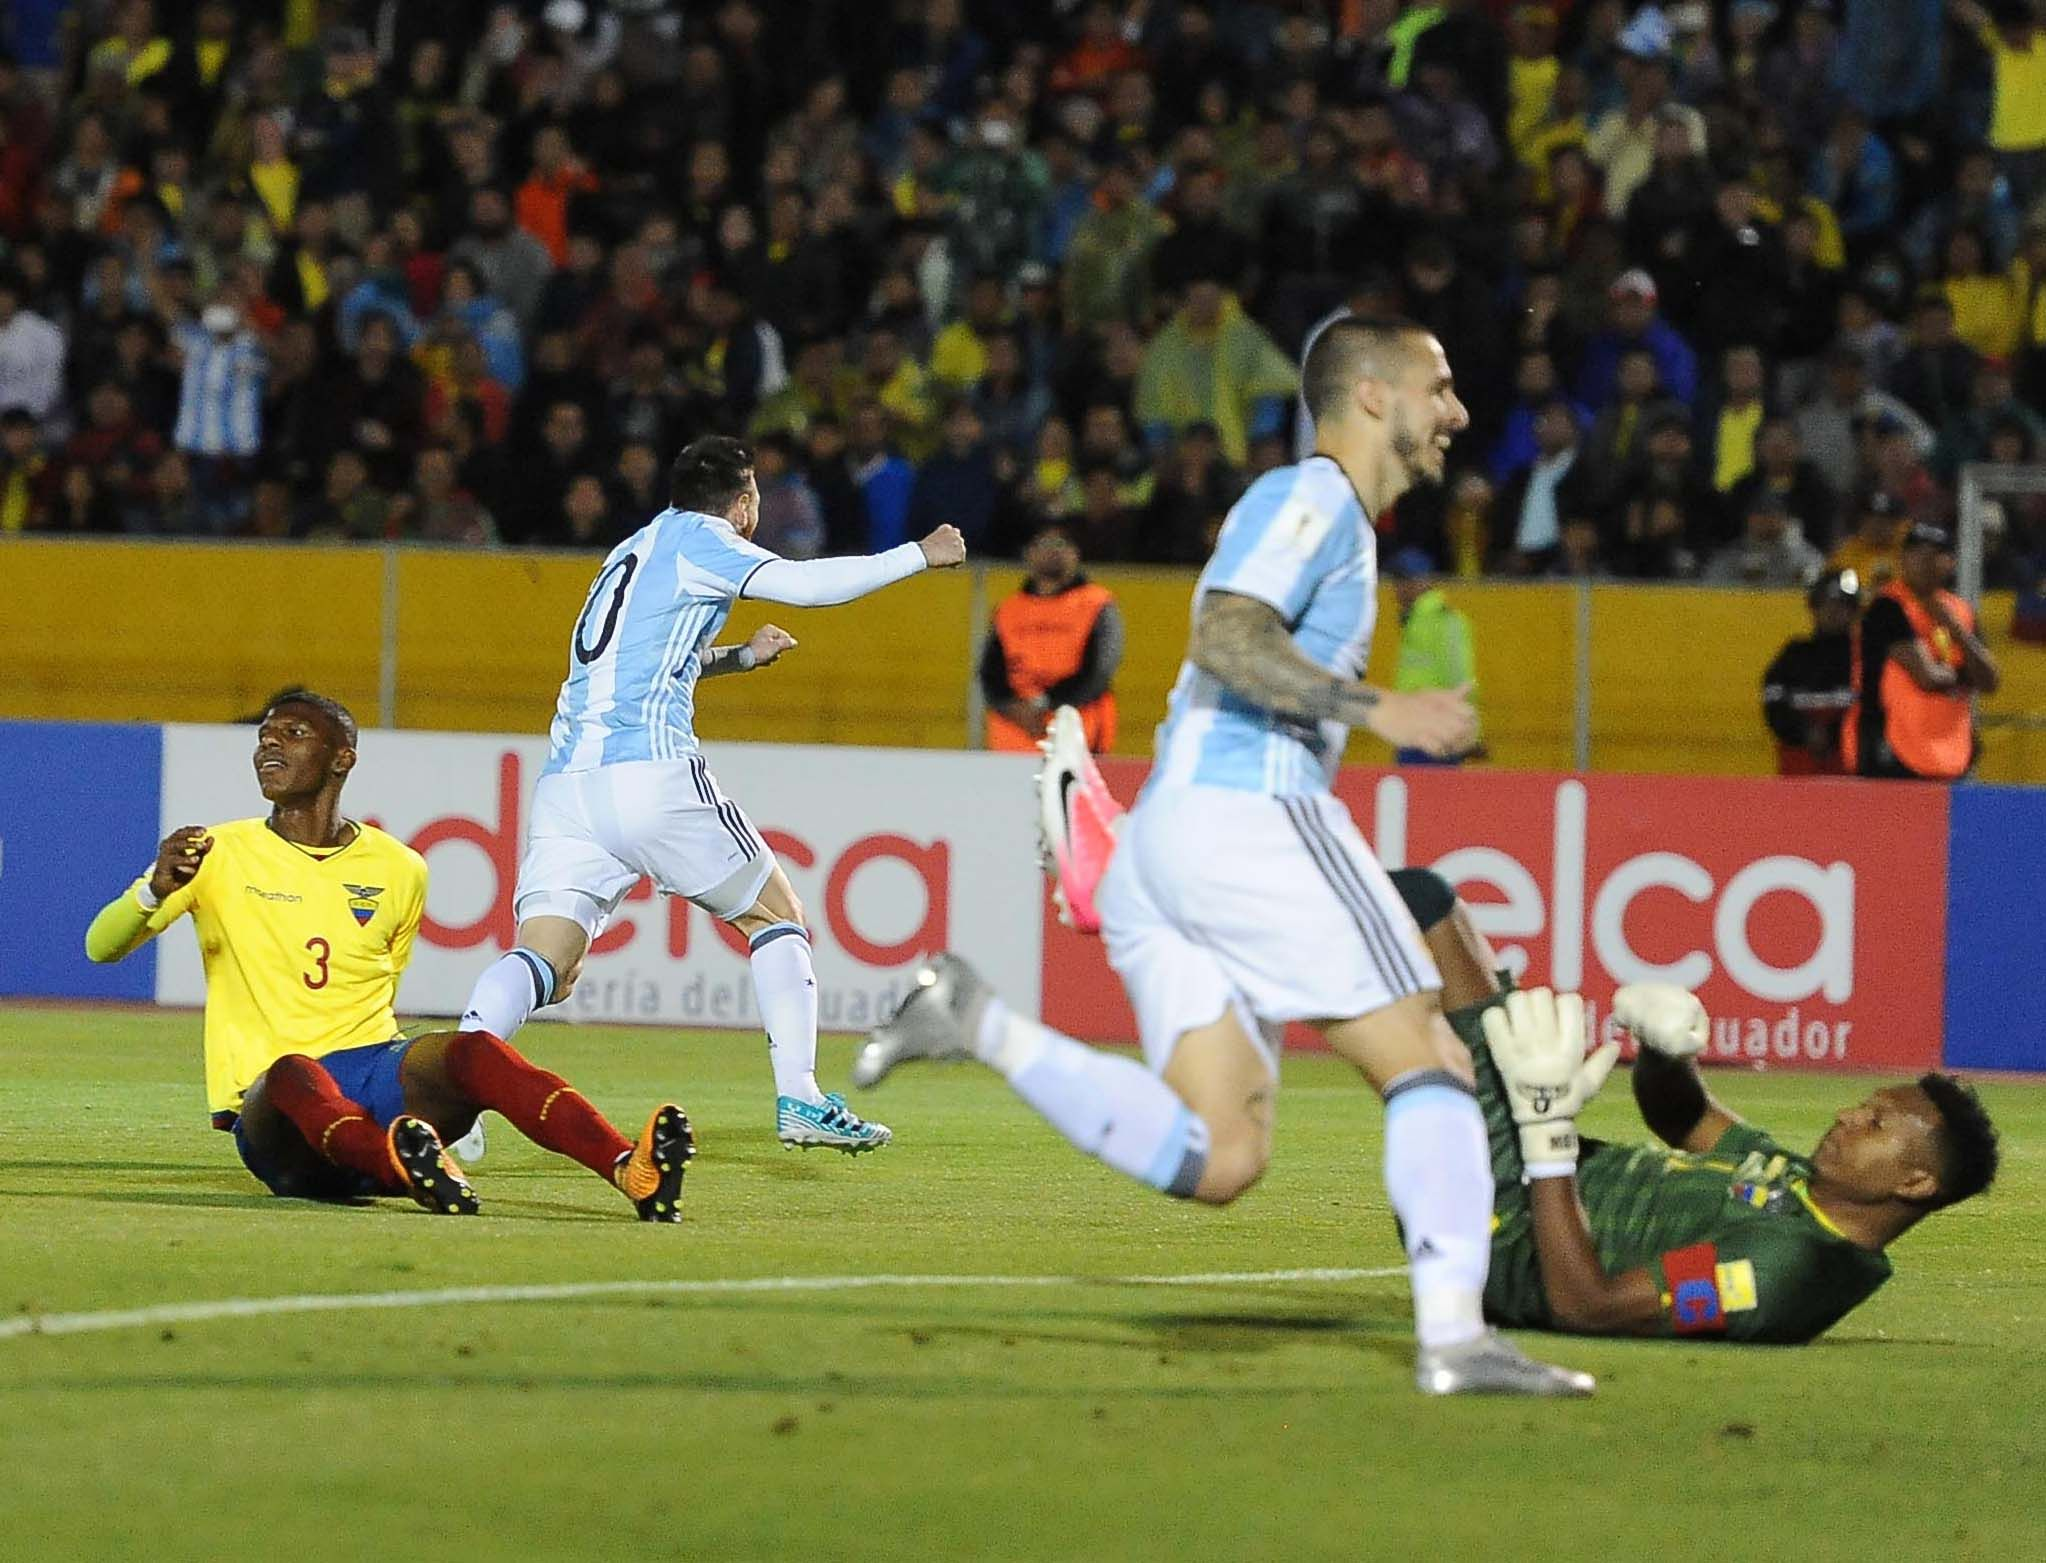 ¡Es una bestia! Messi hizo un golazo para marcar un hat-trick